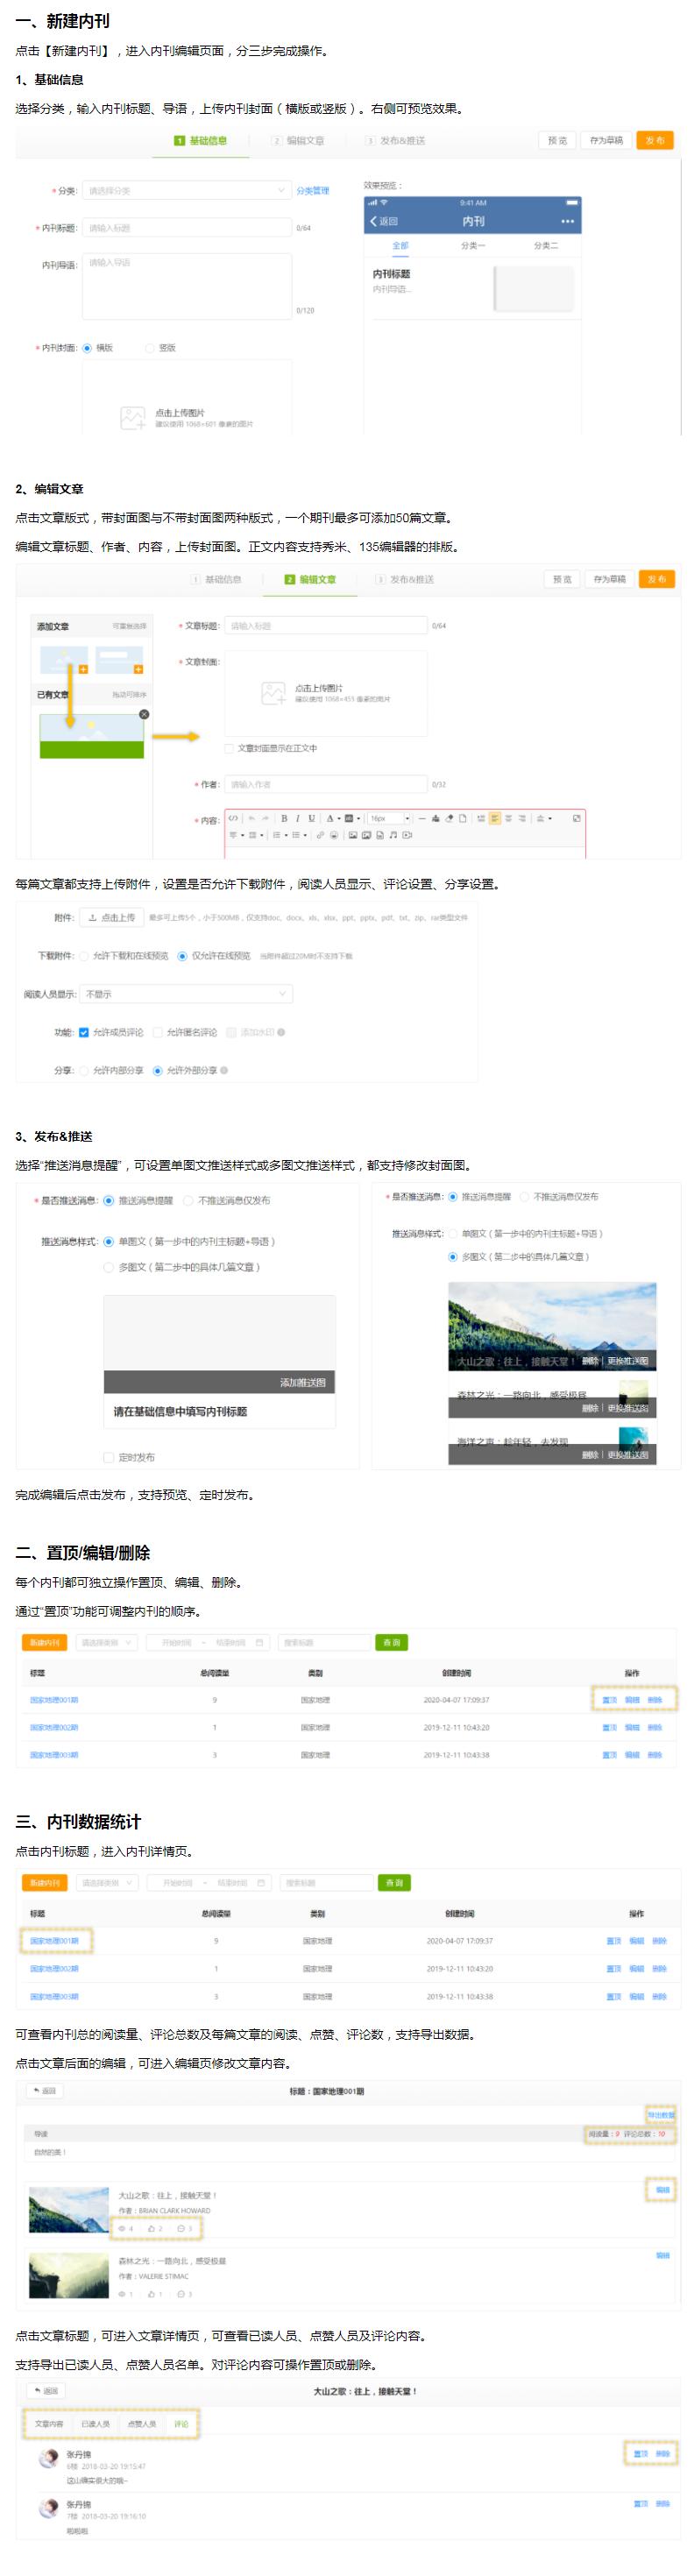 微加云文化-后台新建内刊的操作指南!